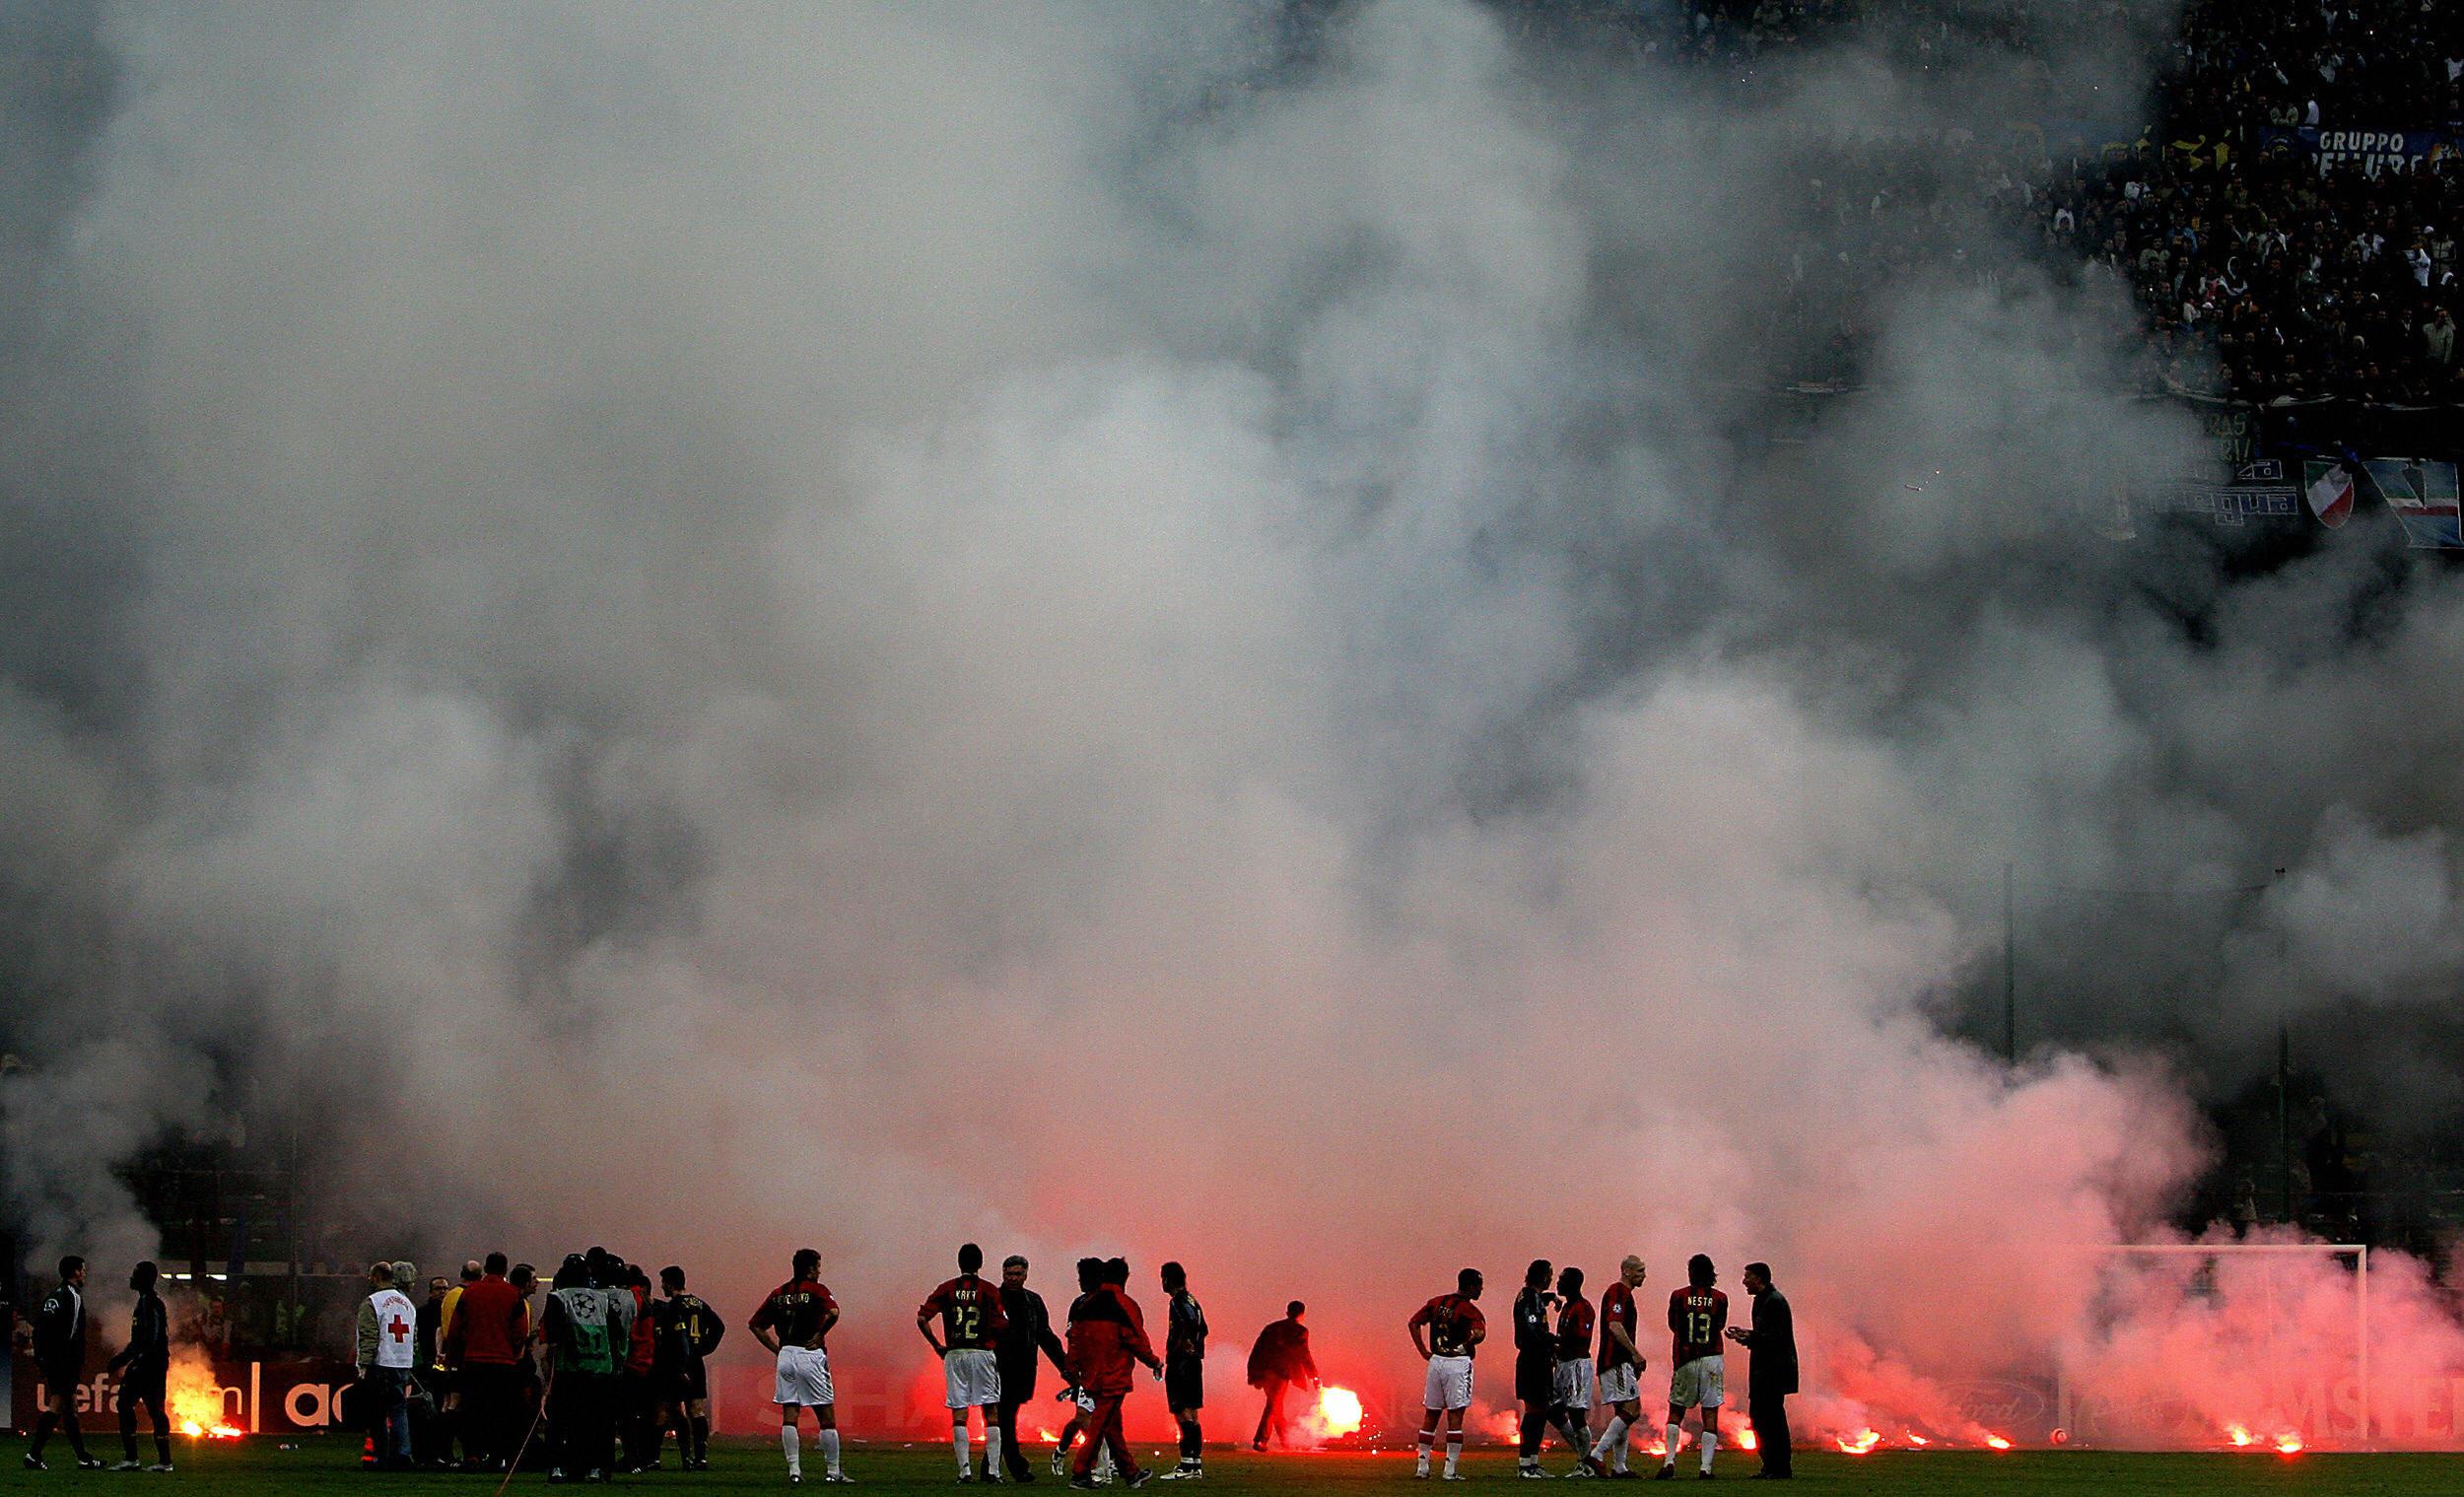 Champions League 2004/05: Milan e Inter si affrontano nei quarti di finale di Champions. Qui la partita di ritorno interrotta per il lancio di fumogeni dalla curva interista e poi vinta a tavolino dai rossoneri